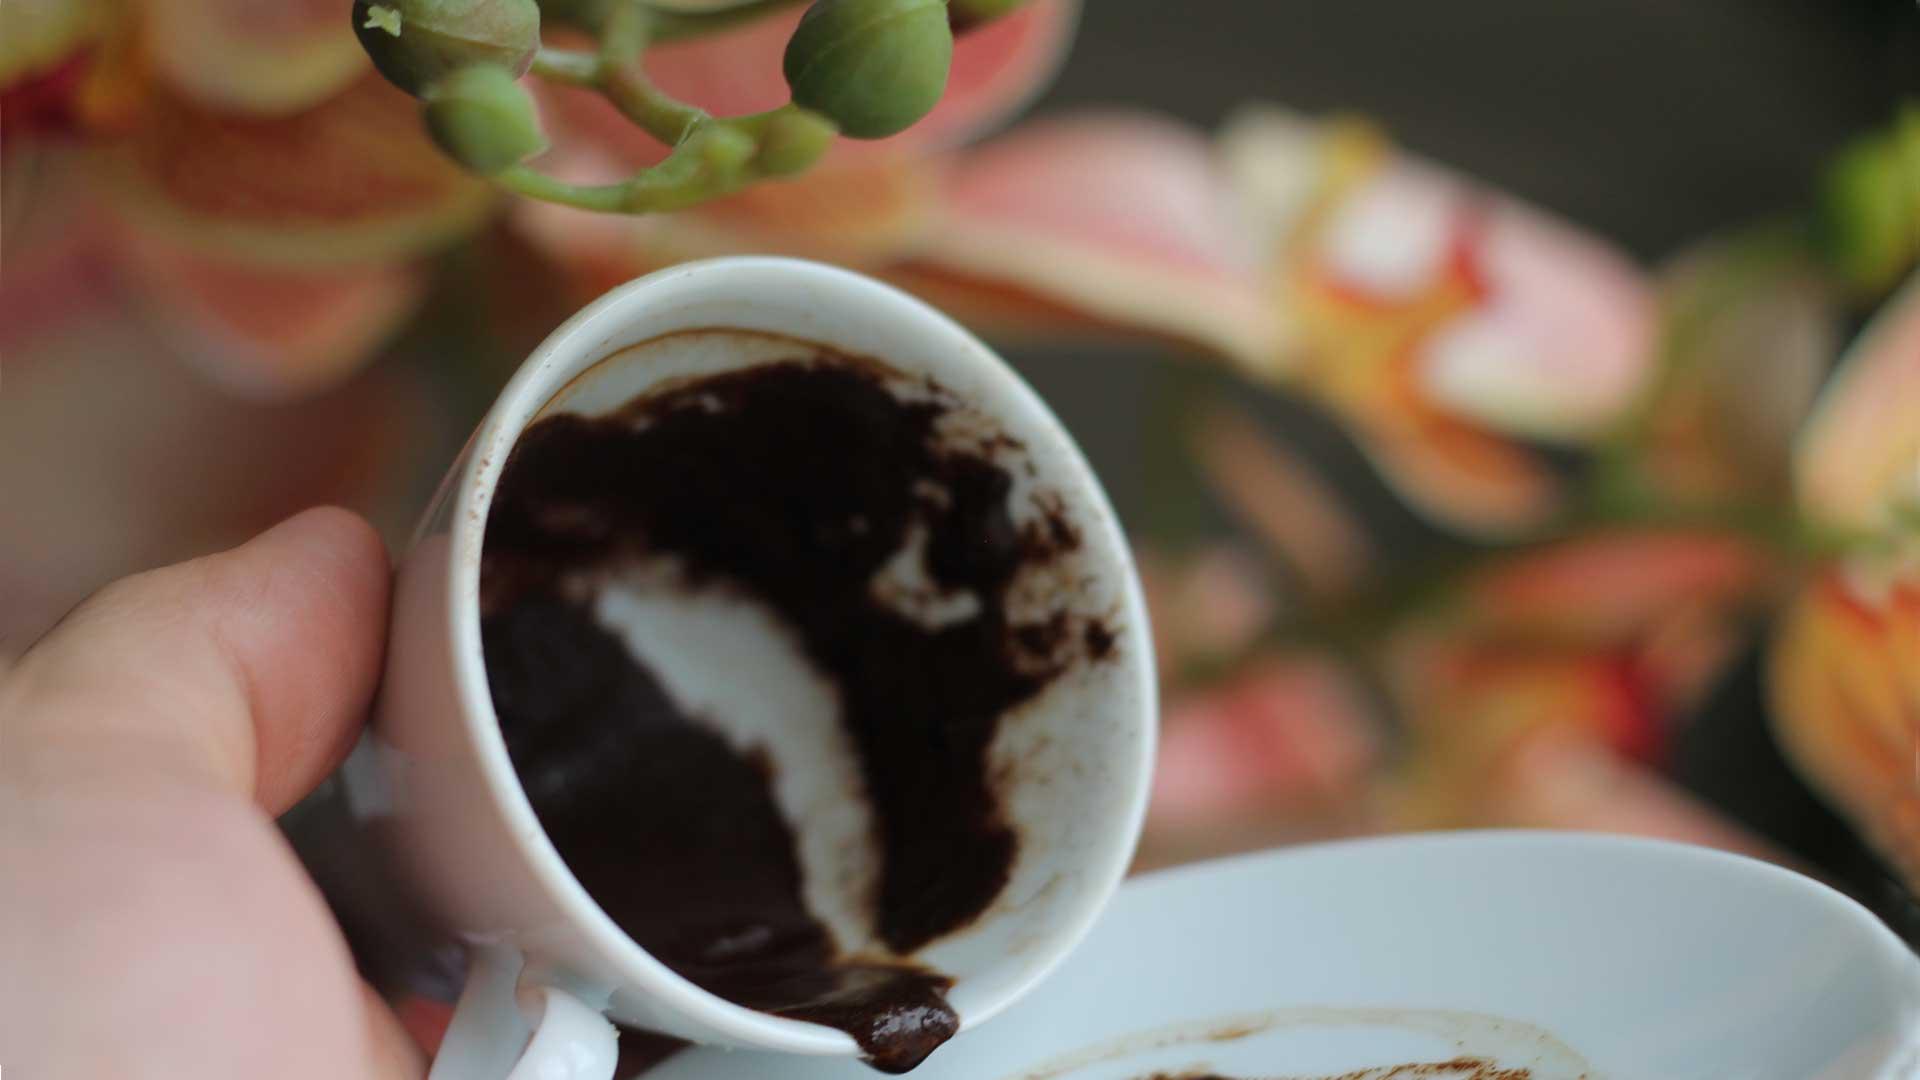 Kahve Falında Kelebek Görmek Ne Anlama Gelir?fit=thumb&w=418&h=152&q=80